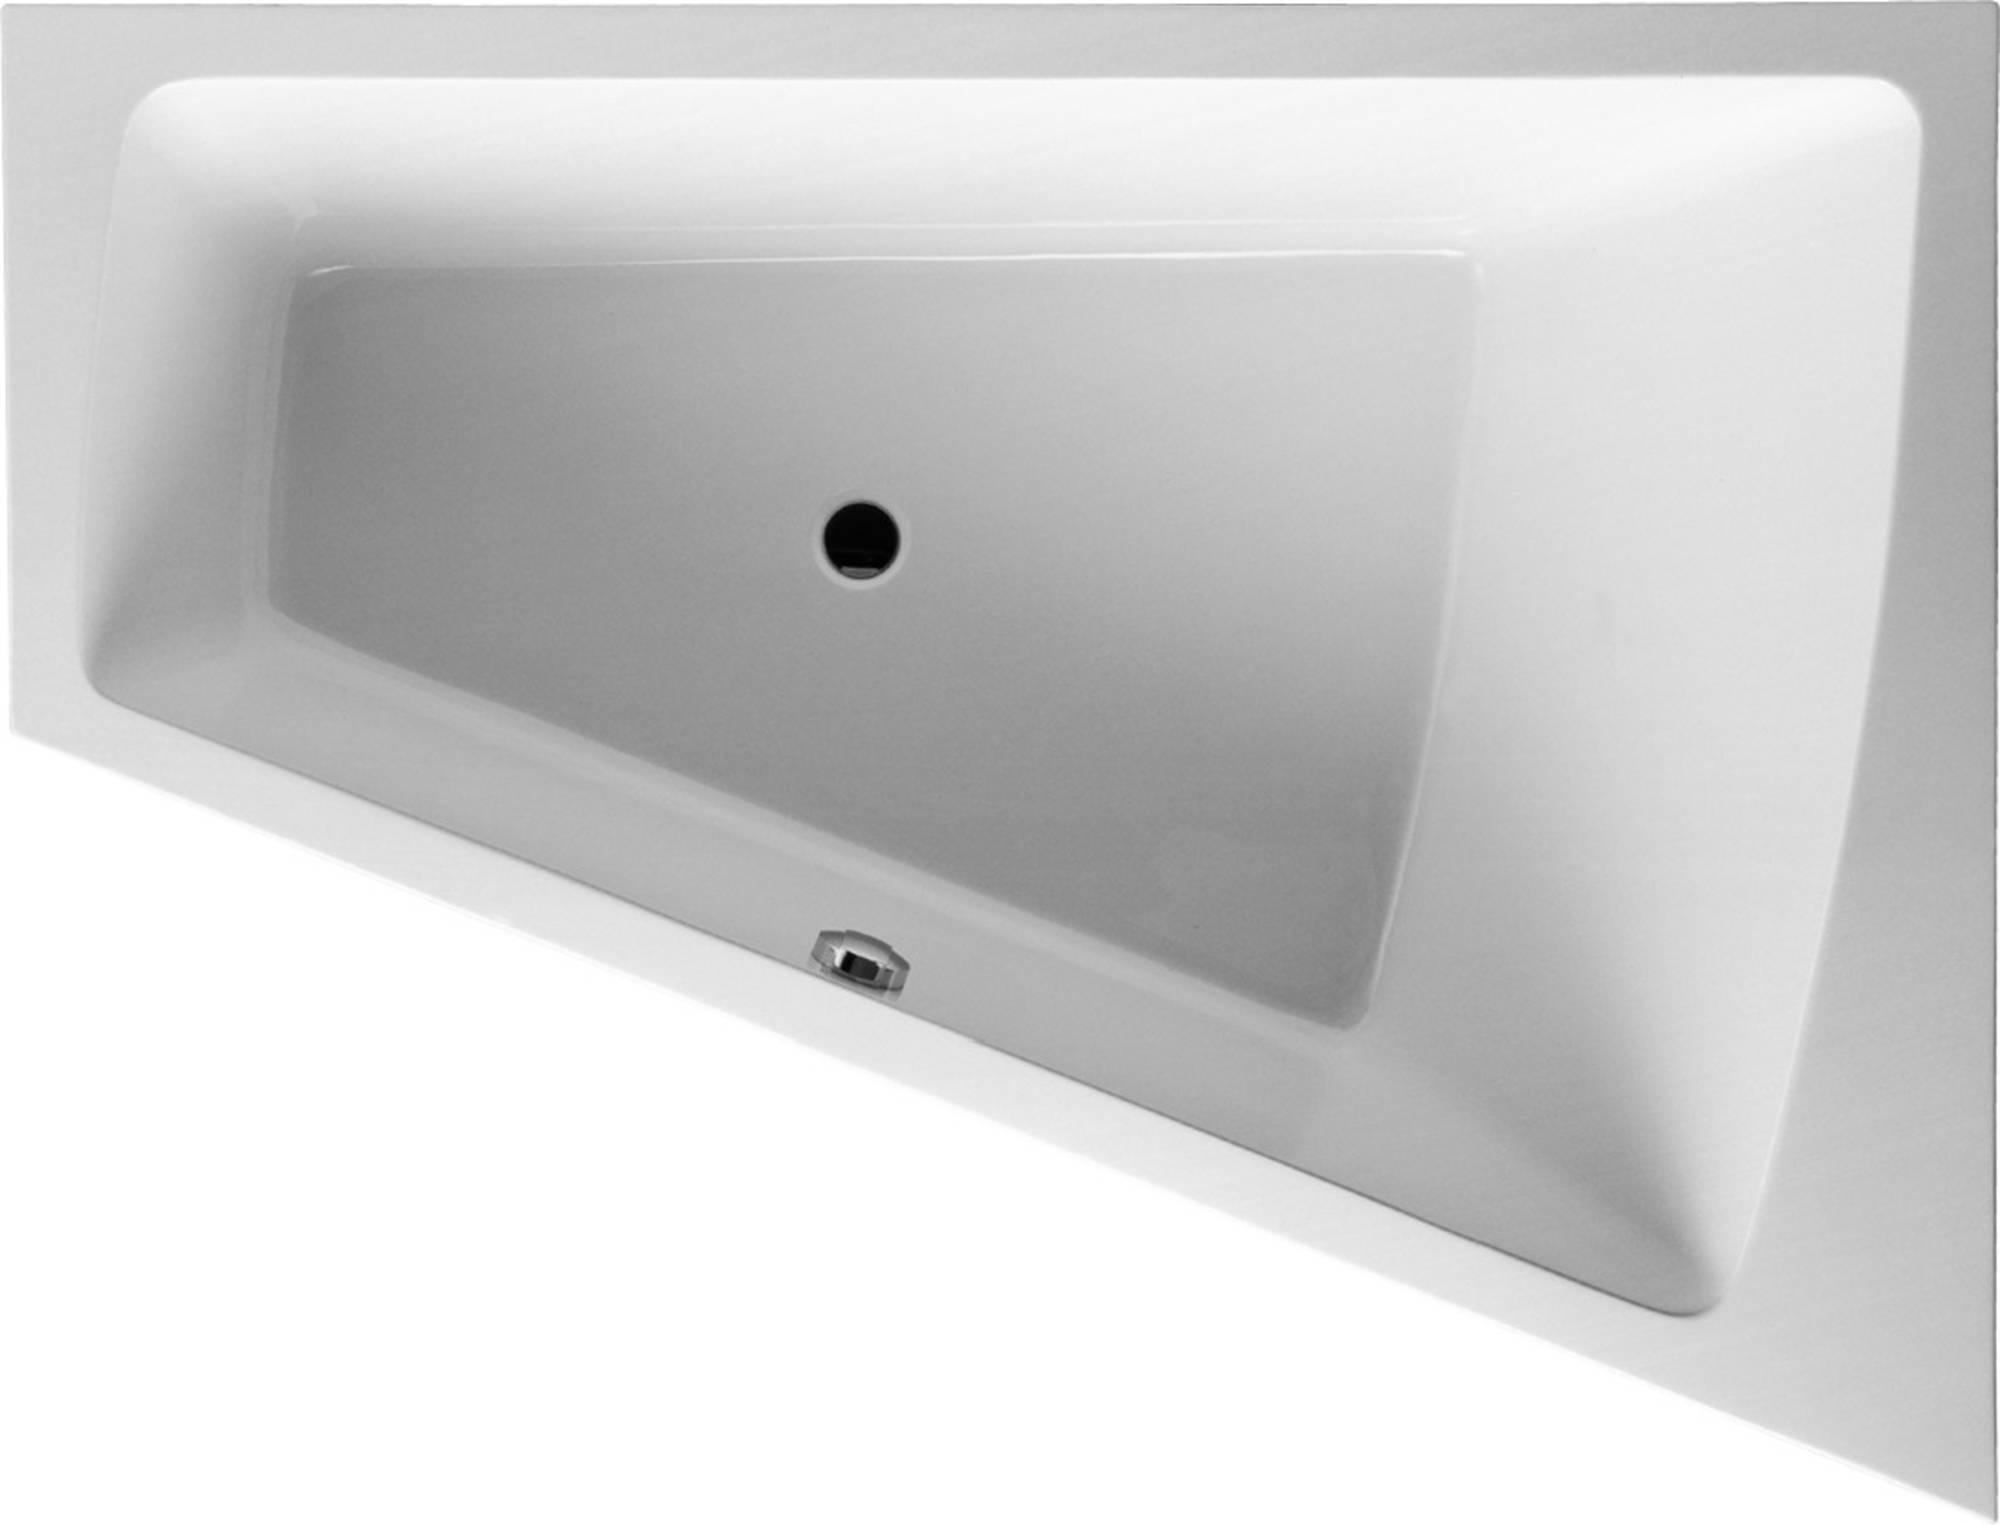 Duravit Paiova bad 180x140 cm, hoek rechts zonder poten, wit